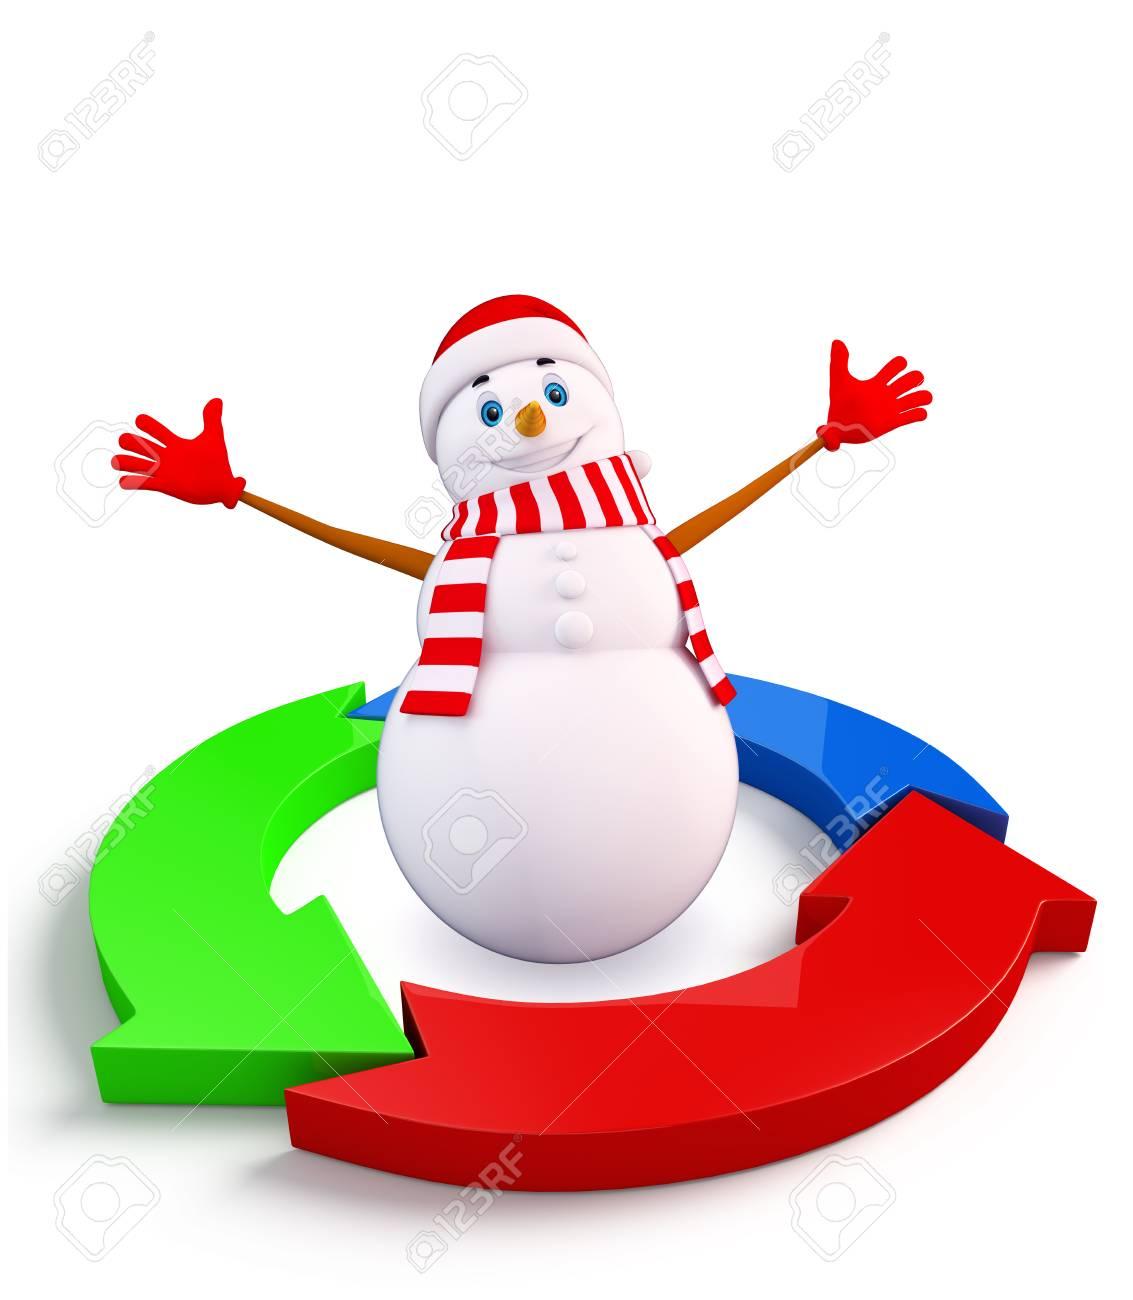 Bonhomme Graphique illustration de caractère de bonhomme de neige avec schéma graphique